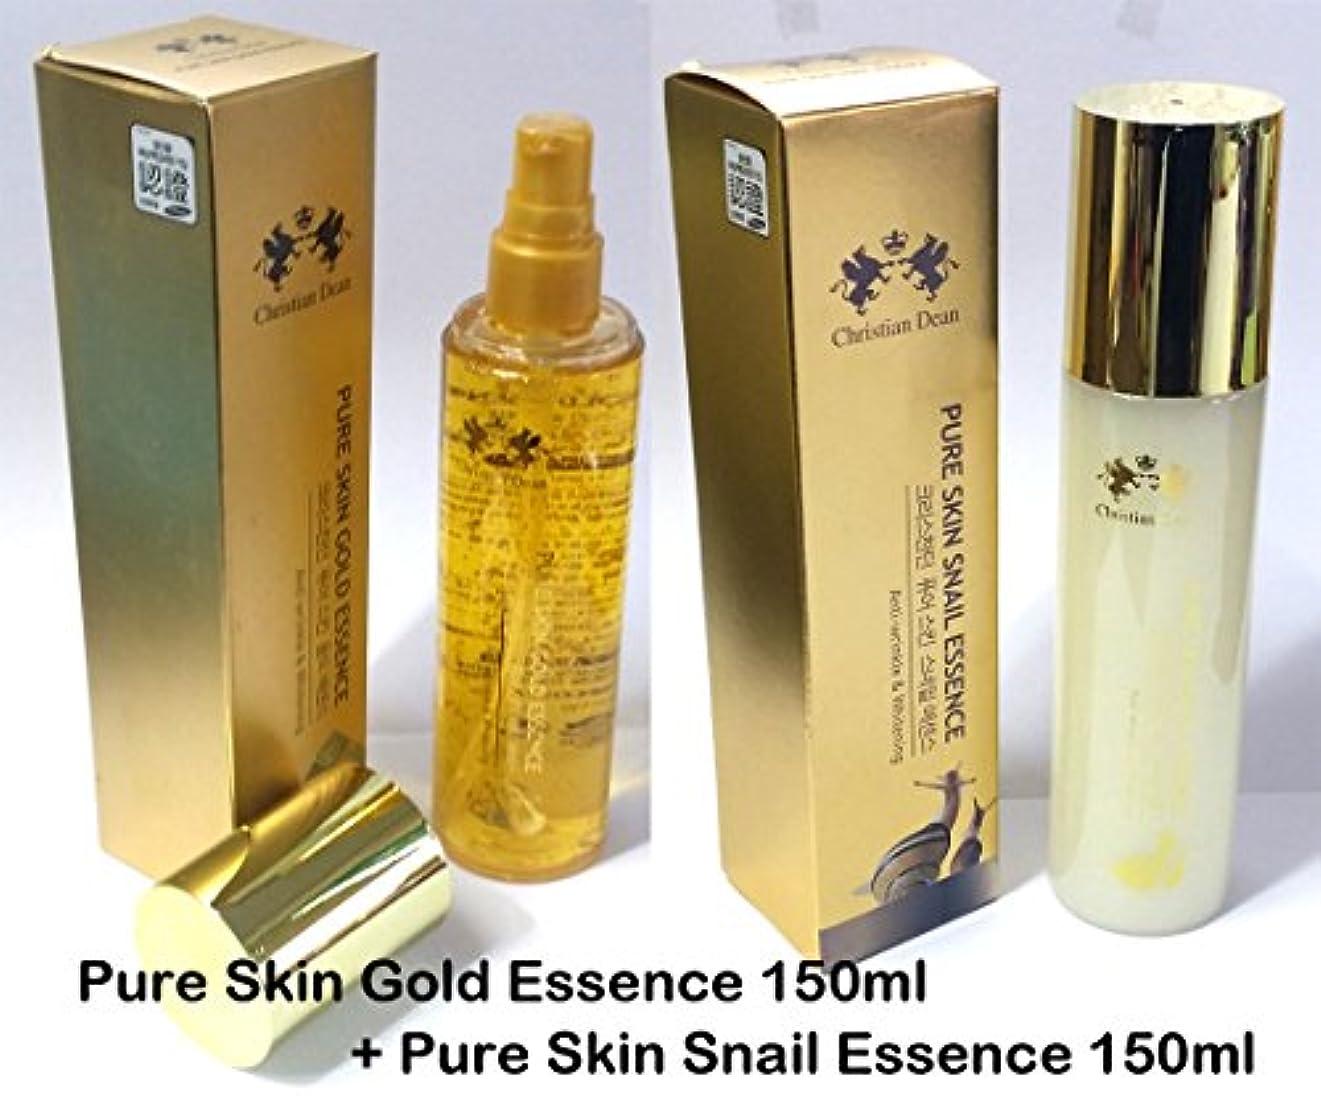 つかいます攻撃的擁する[Christian Dean] ピュアスキンゴールドエッセンス150ml +ピュアスキンカタツムエッセンス150ml / Pure Skin Gold Essence 150ml + Pure Skin Snail Essence...